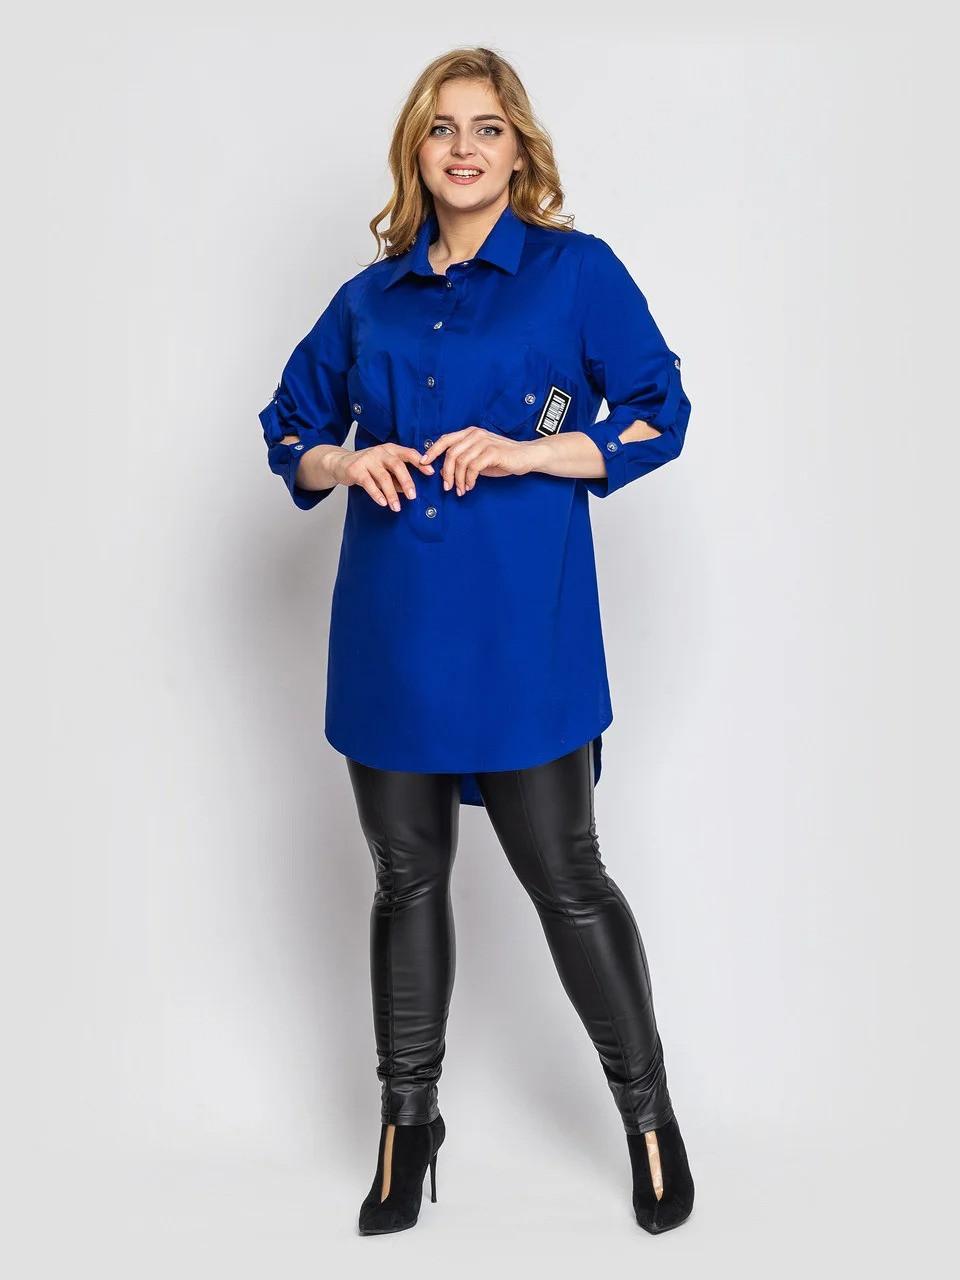 Длинная женская рубашка хлопковая цвет электрик, большие размеры от 48 до 58